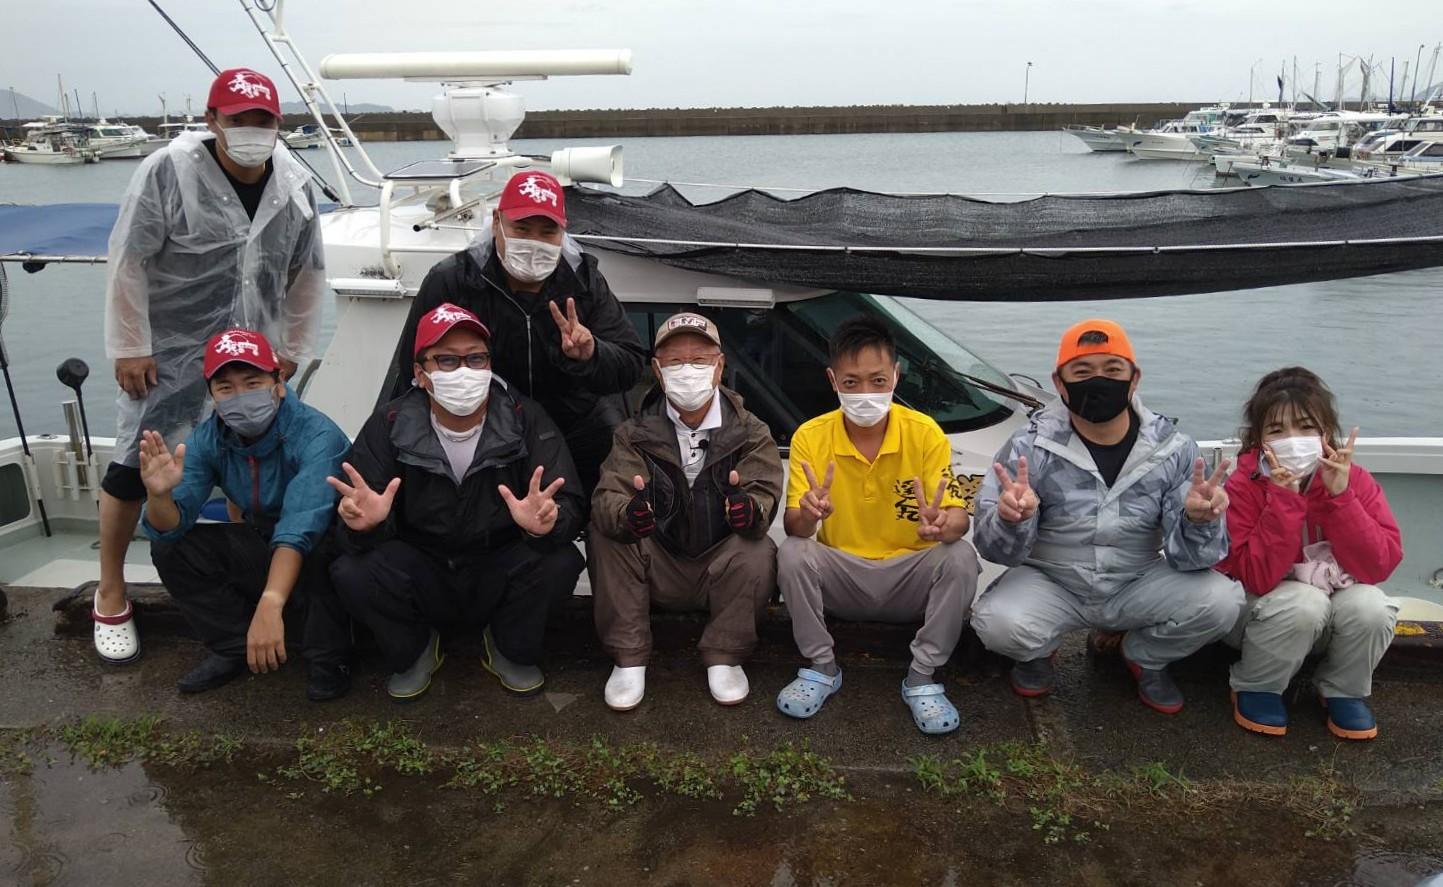 8月14日 遥人丸さんでのチョーさんの釣り情報の取材